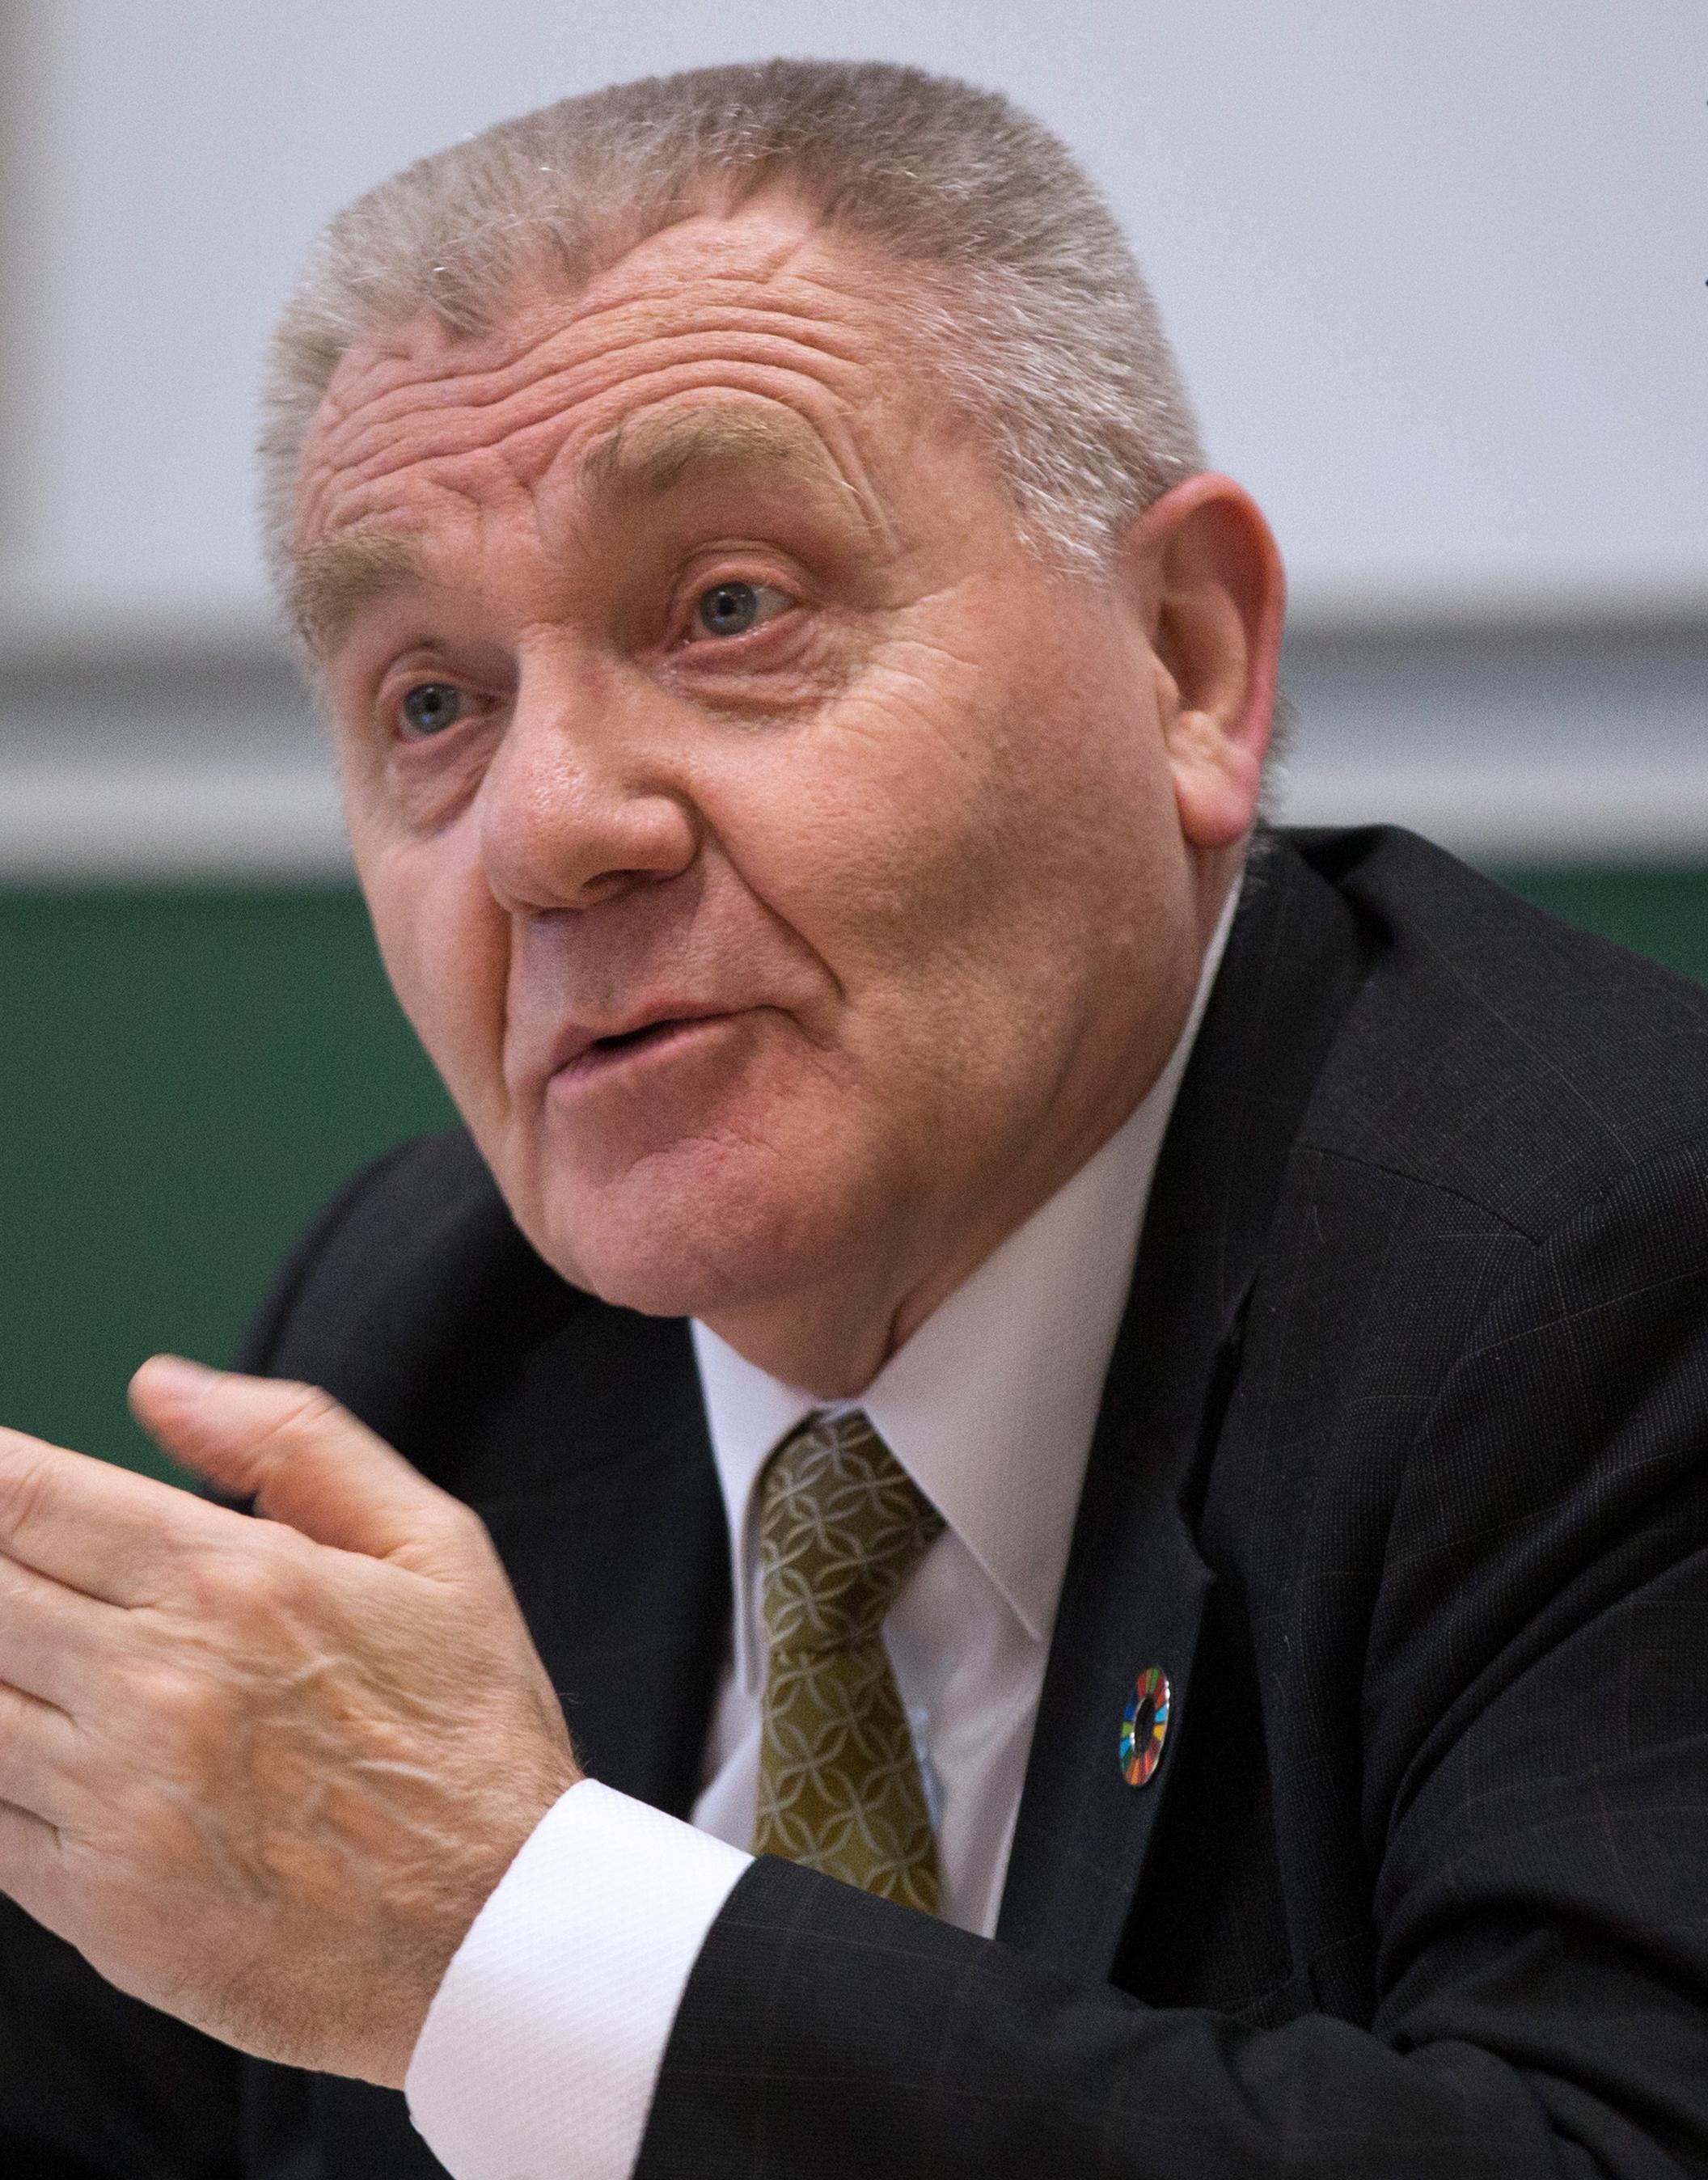 Jean-Pierre Bourguignon in 2017.